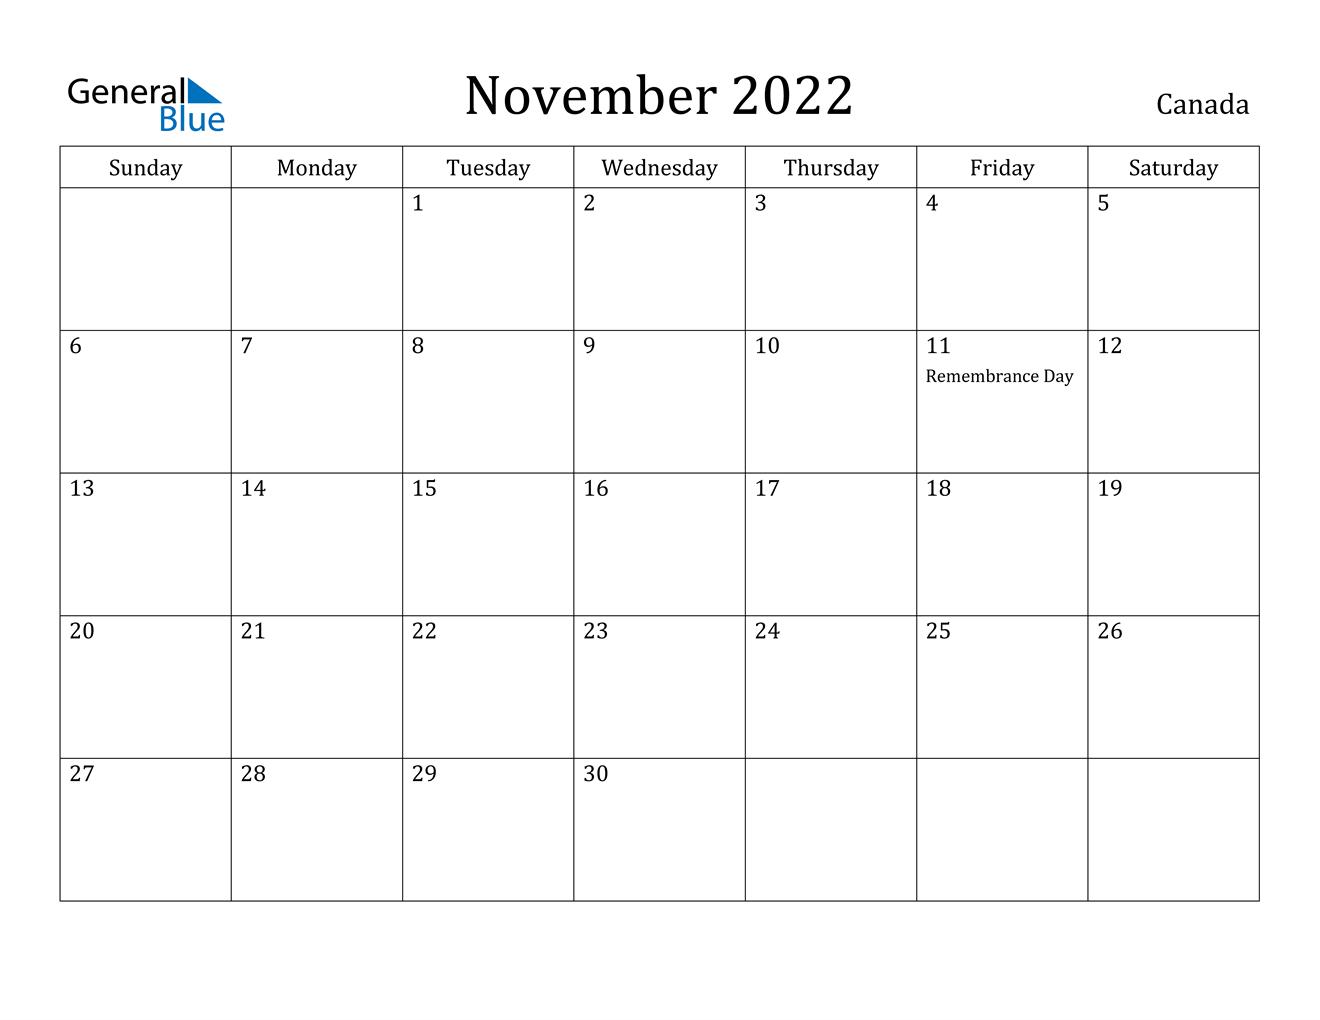 November 2022 Calendar - Canada for November 2022 Calendar Planner Printable Photo